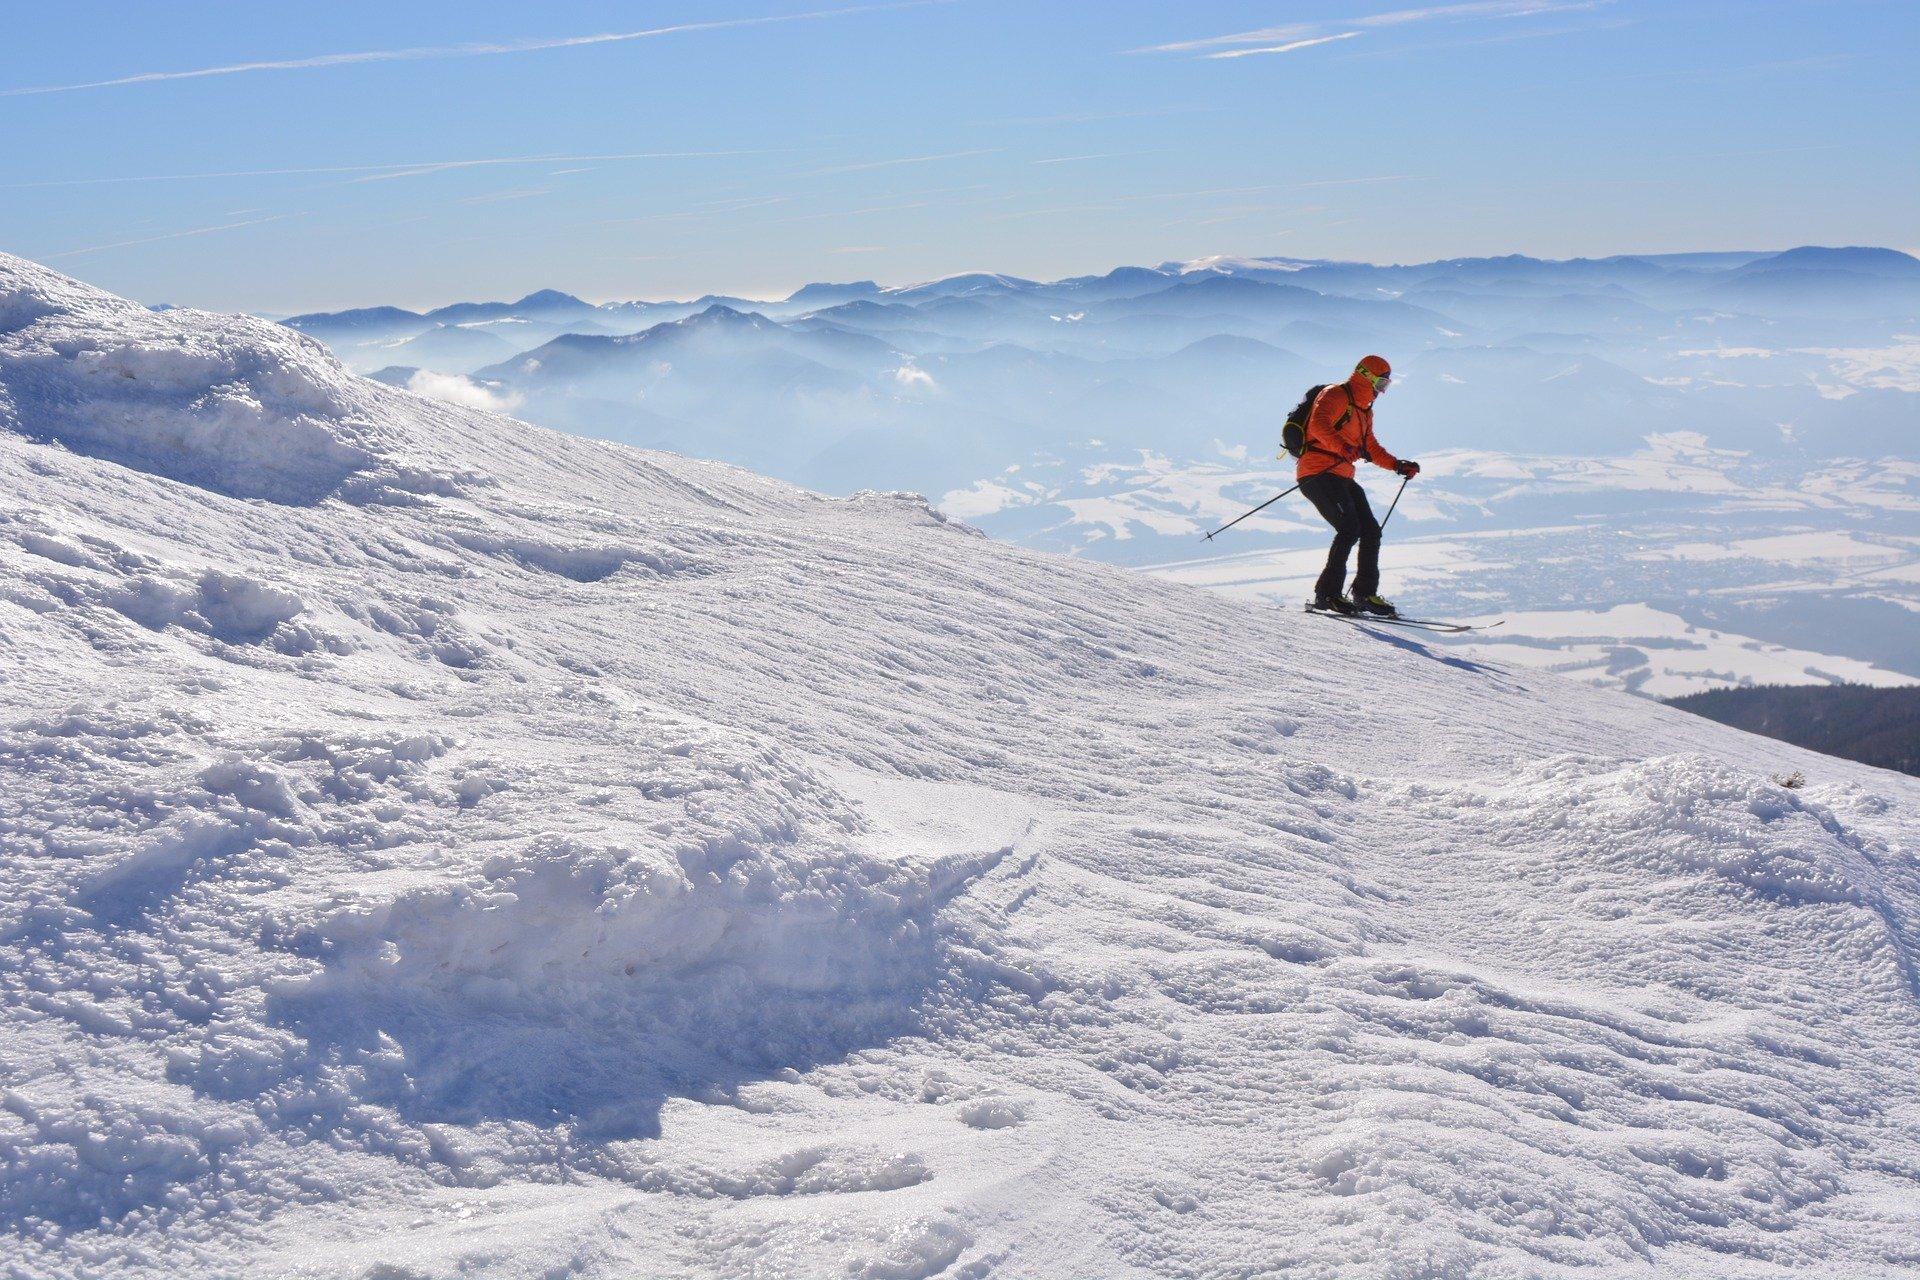 alpine-skier-4817894_1920.jpg